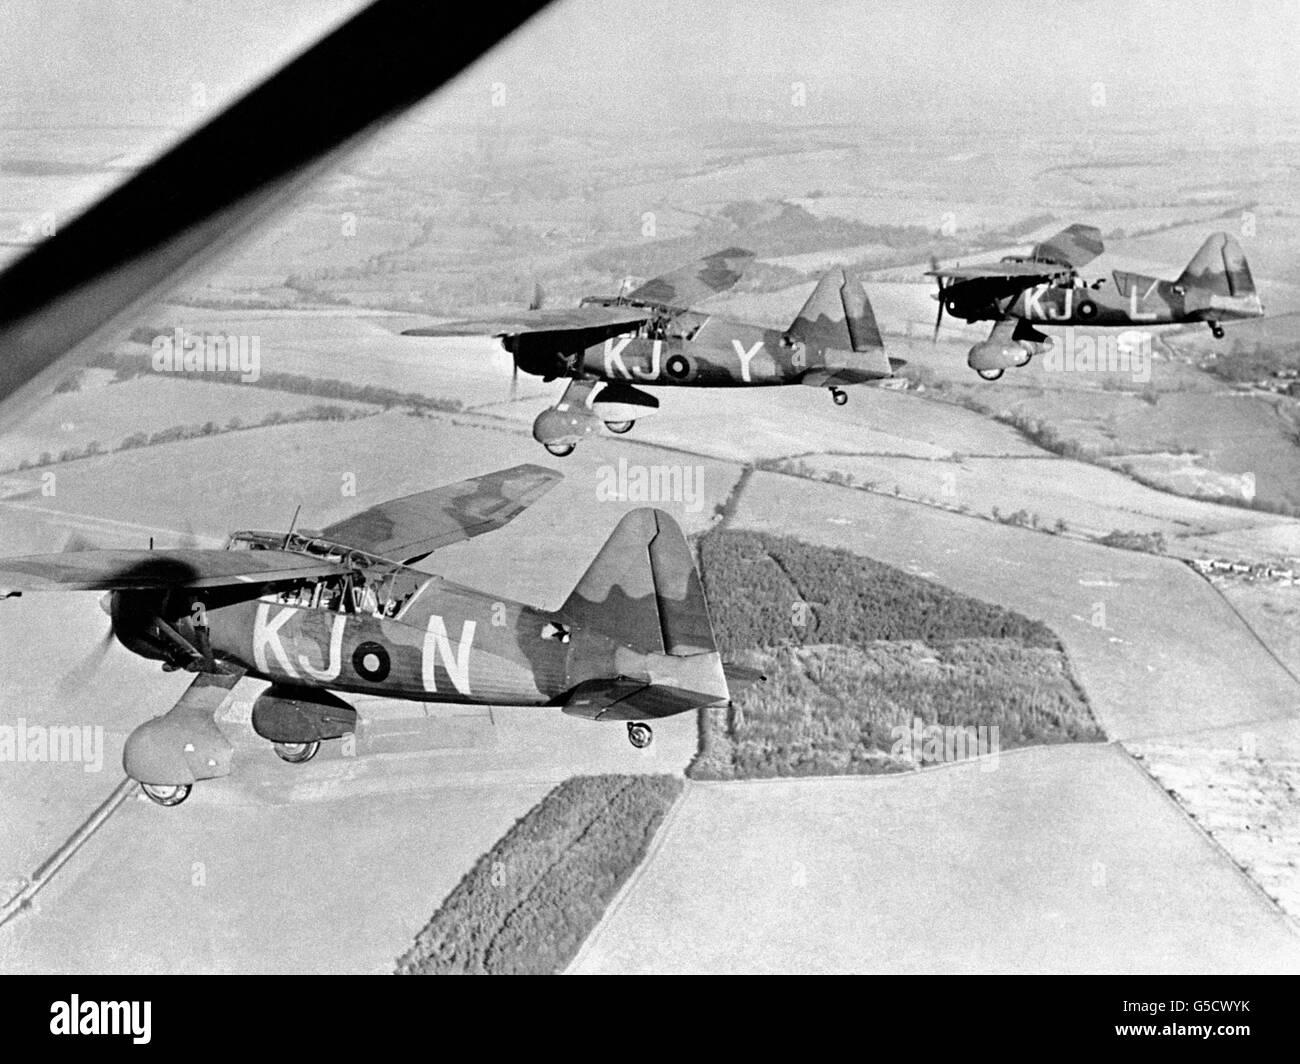 La Seconde Guerre mondiale - Empire britannique - Accueil - Avant - Aéronefs de l'Armée britannique - Lysandre - 1939 Banque D'Images